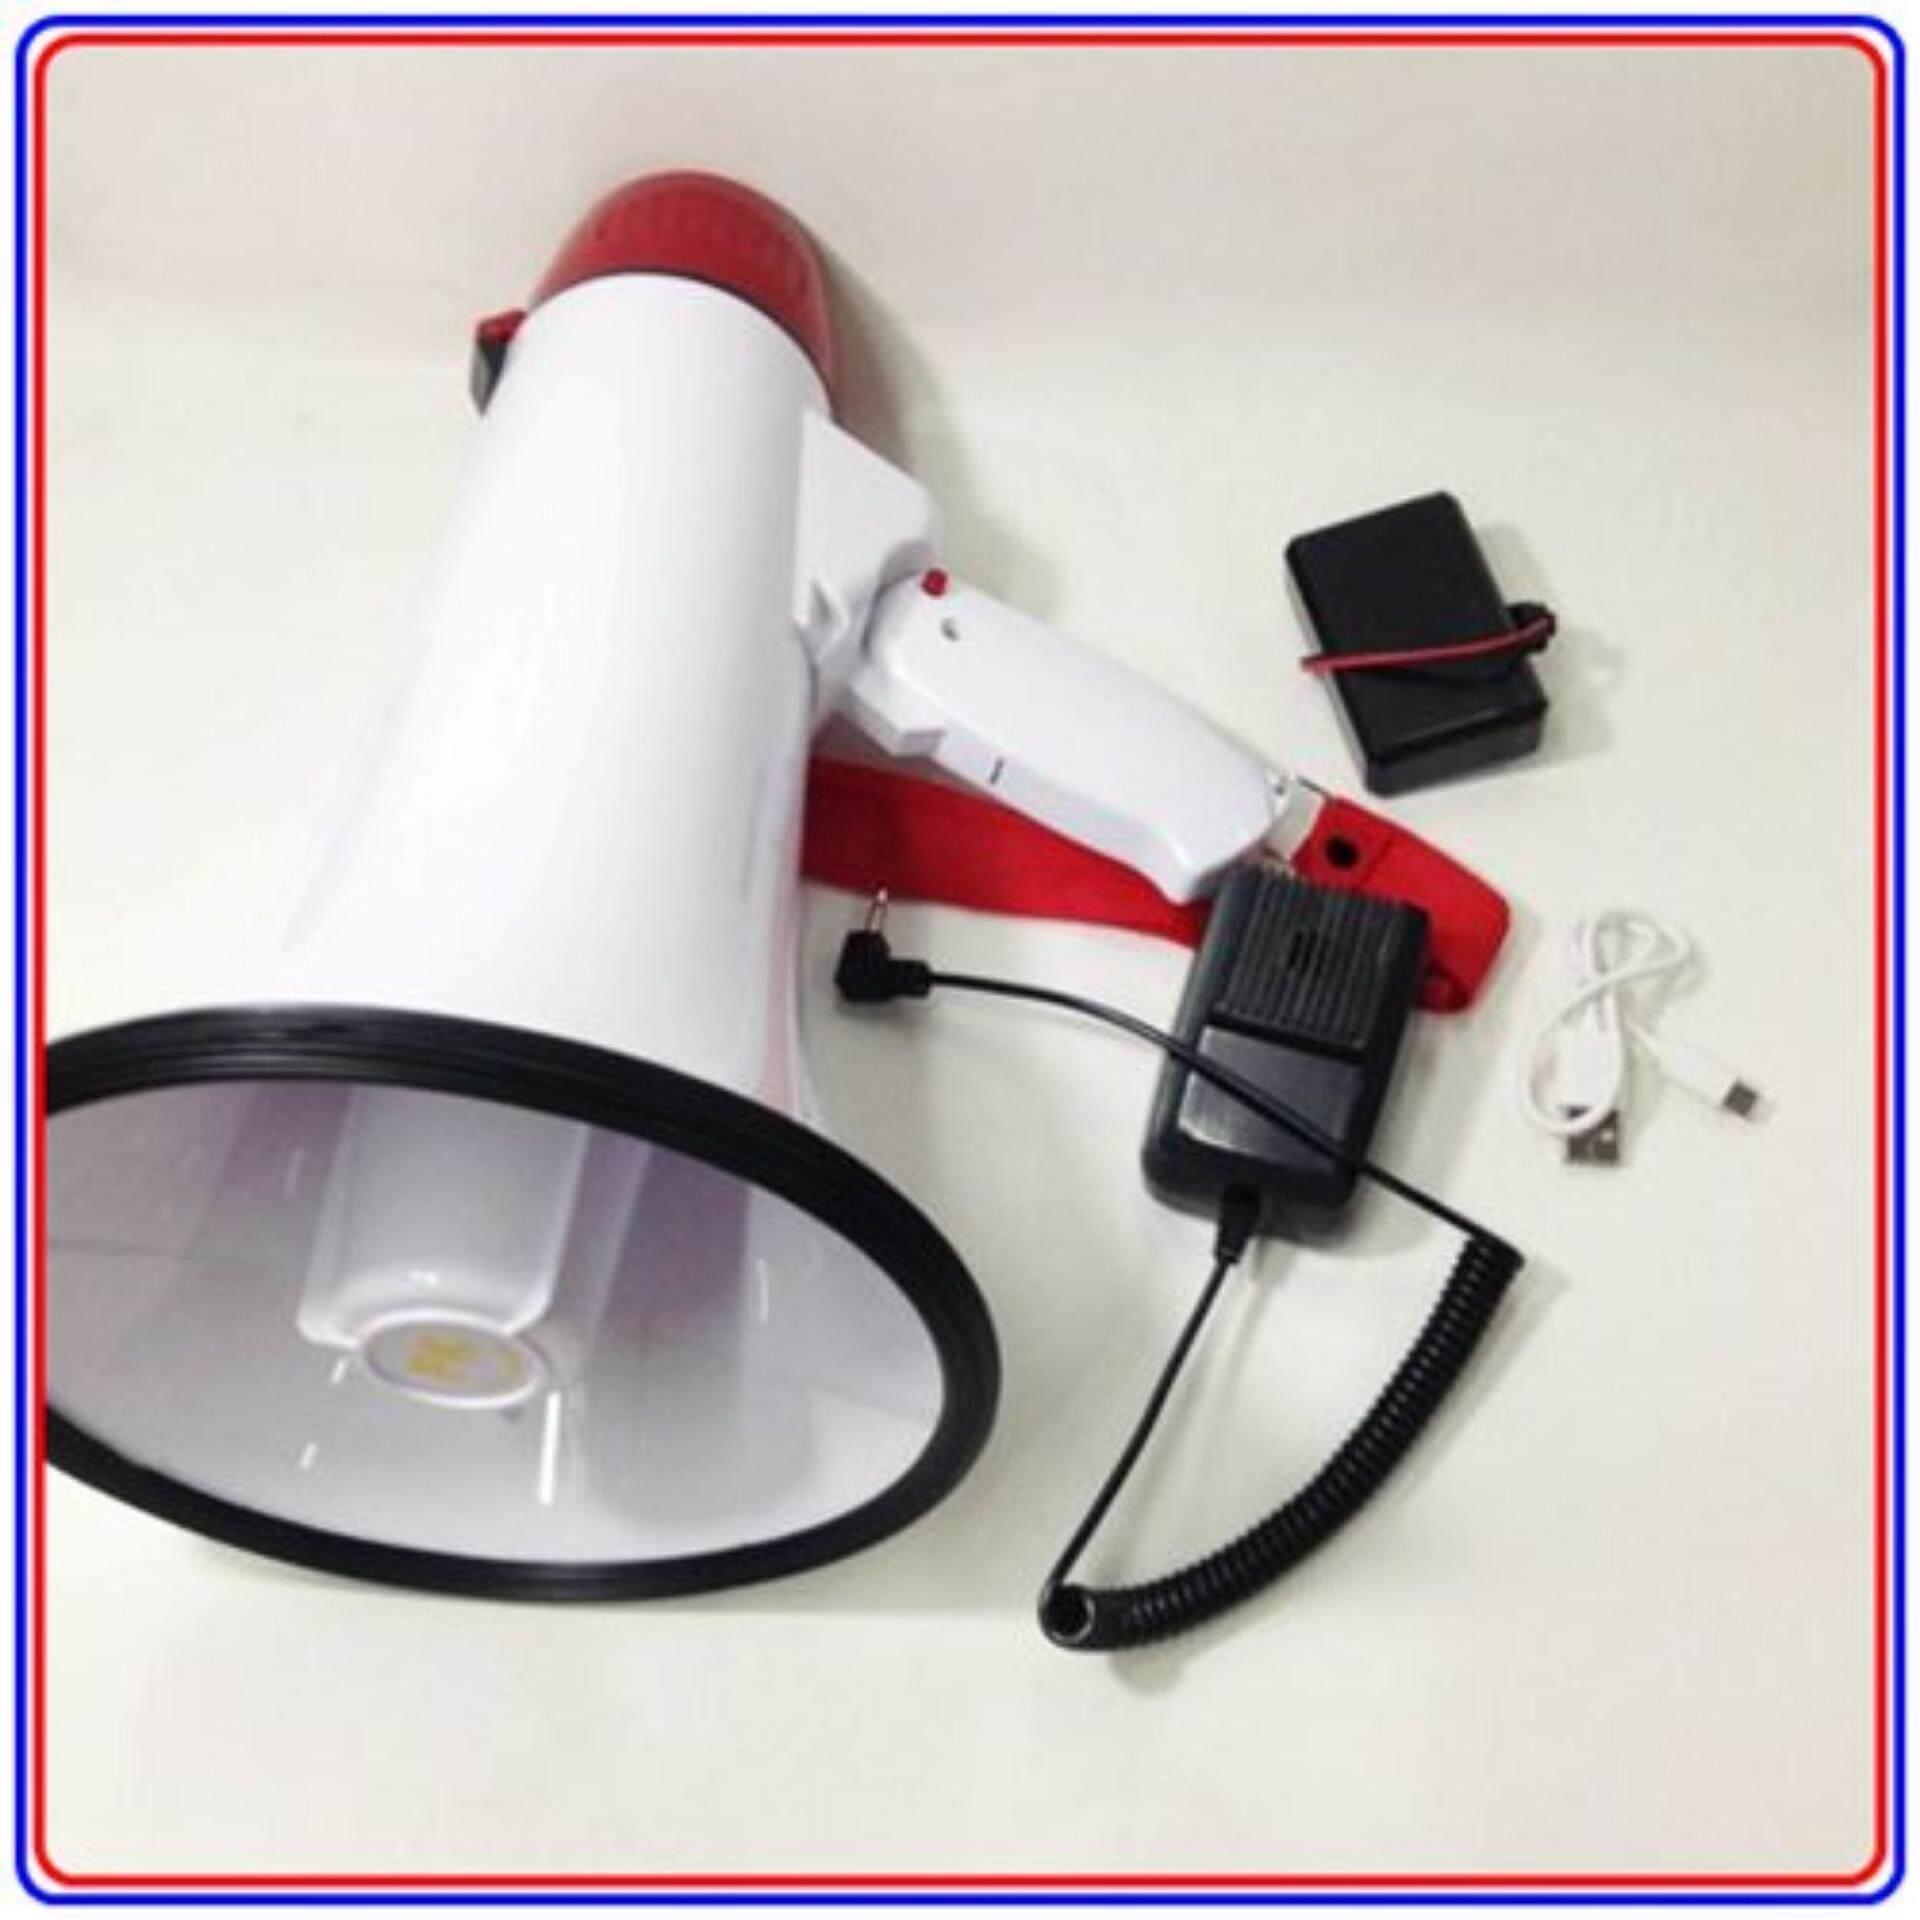 ราคา Pk แม็กกาโฟน Hy 1501B White Red ออนไลน์ กรุงเทพมหานคร